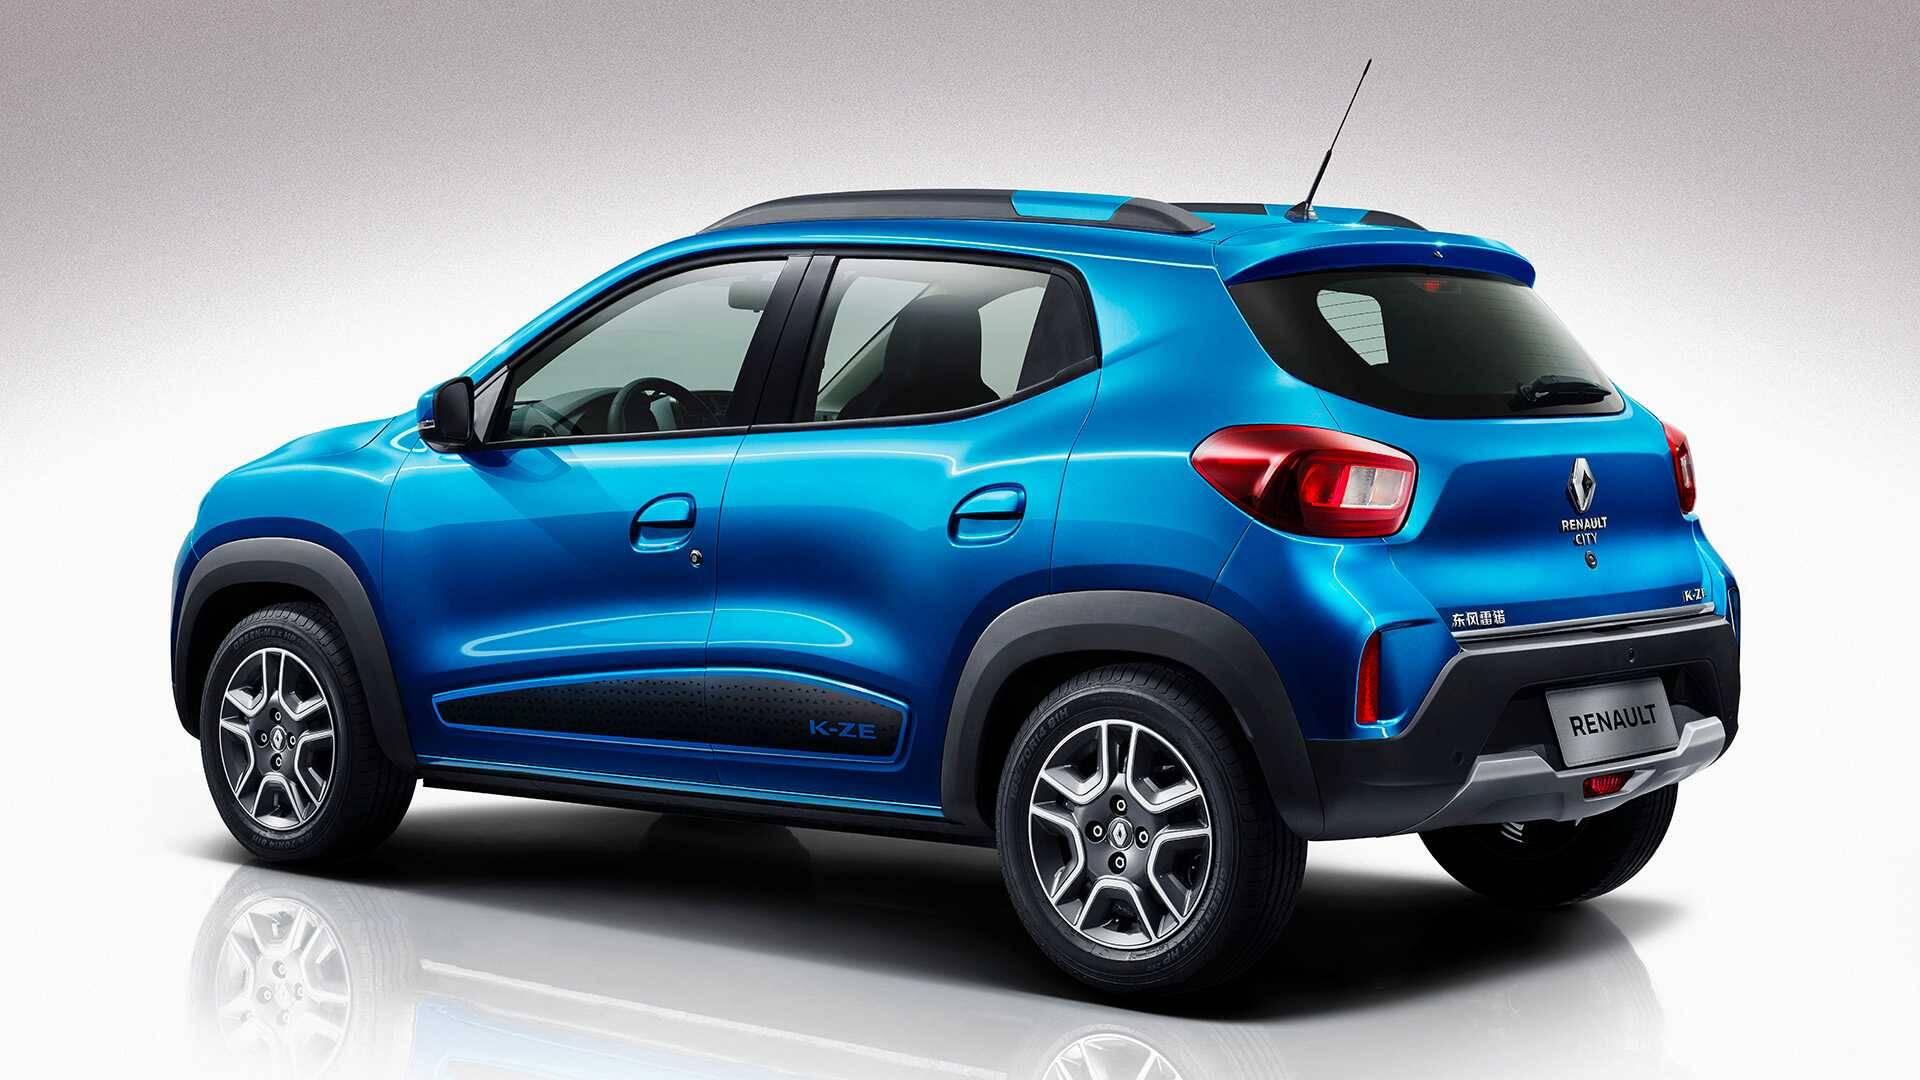 Renault K-ZE. Foto: Divulgação